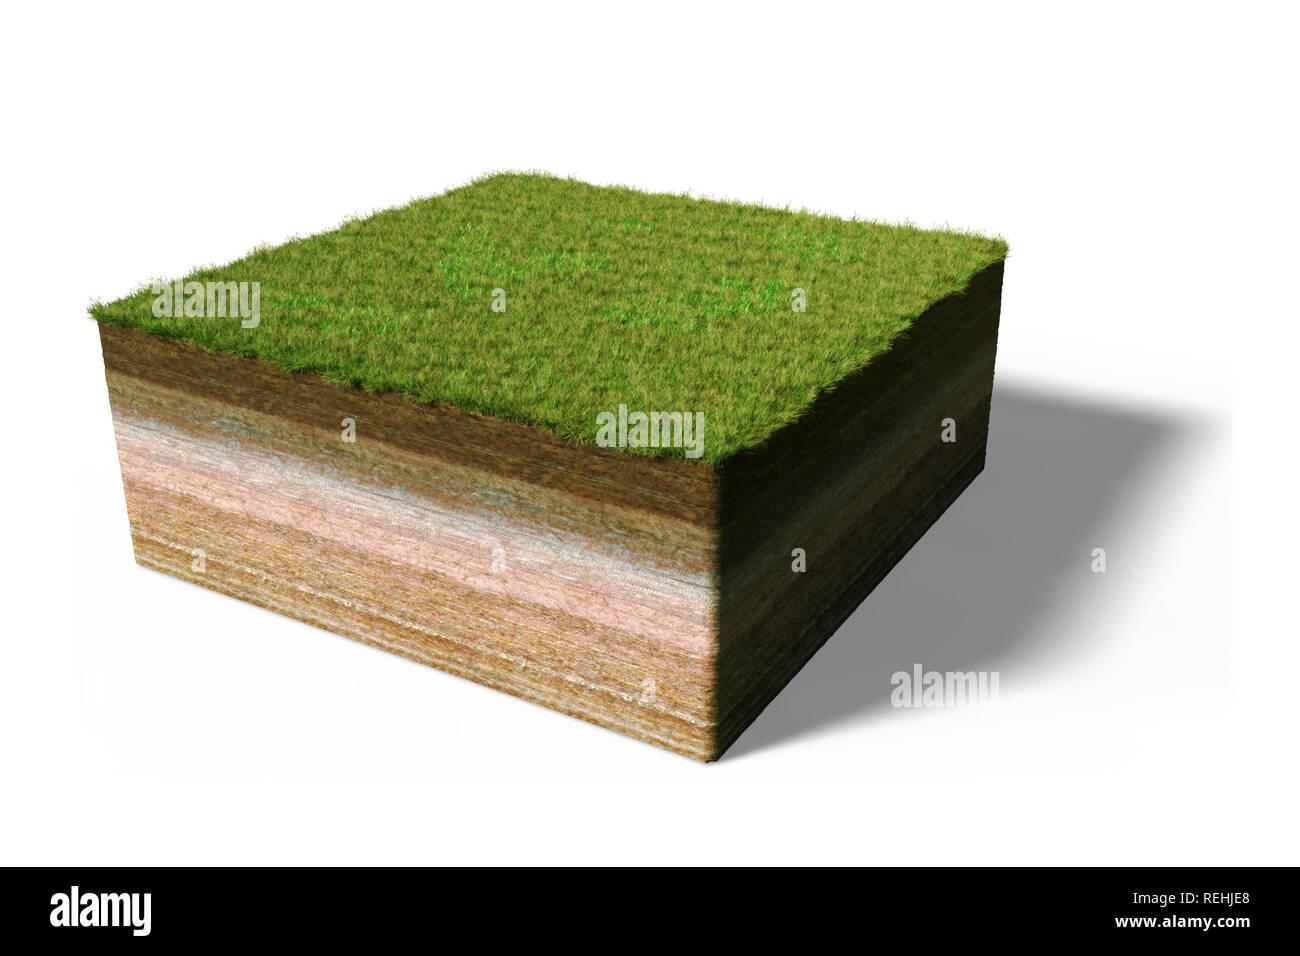 Fußboden Querschnitt ~ Modell der einen querschnitt der boden mit gras d illustration